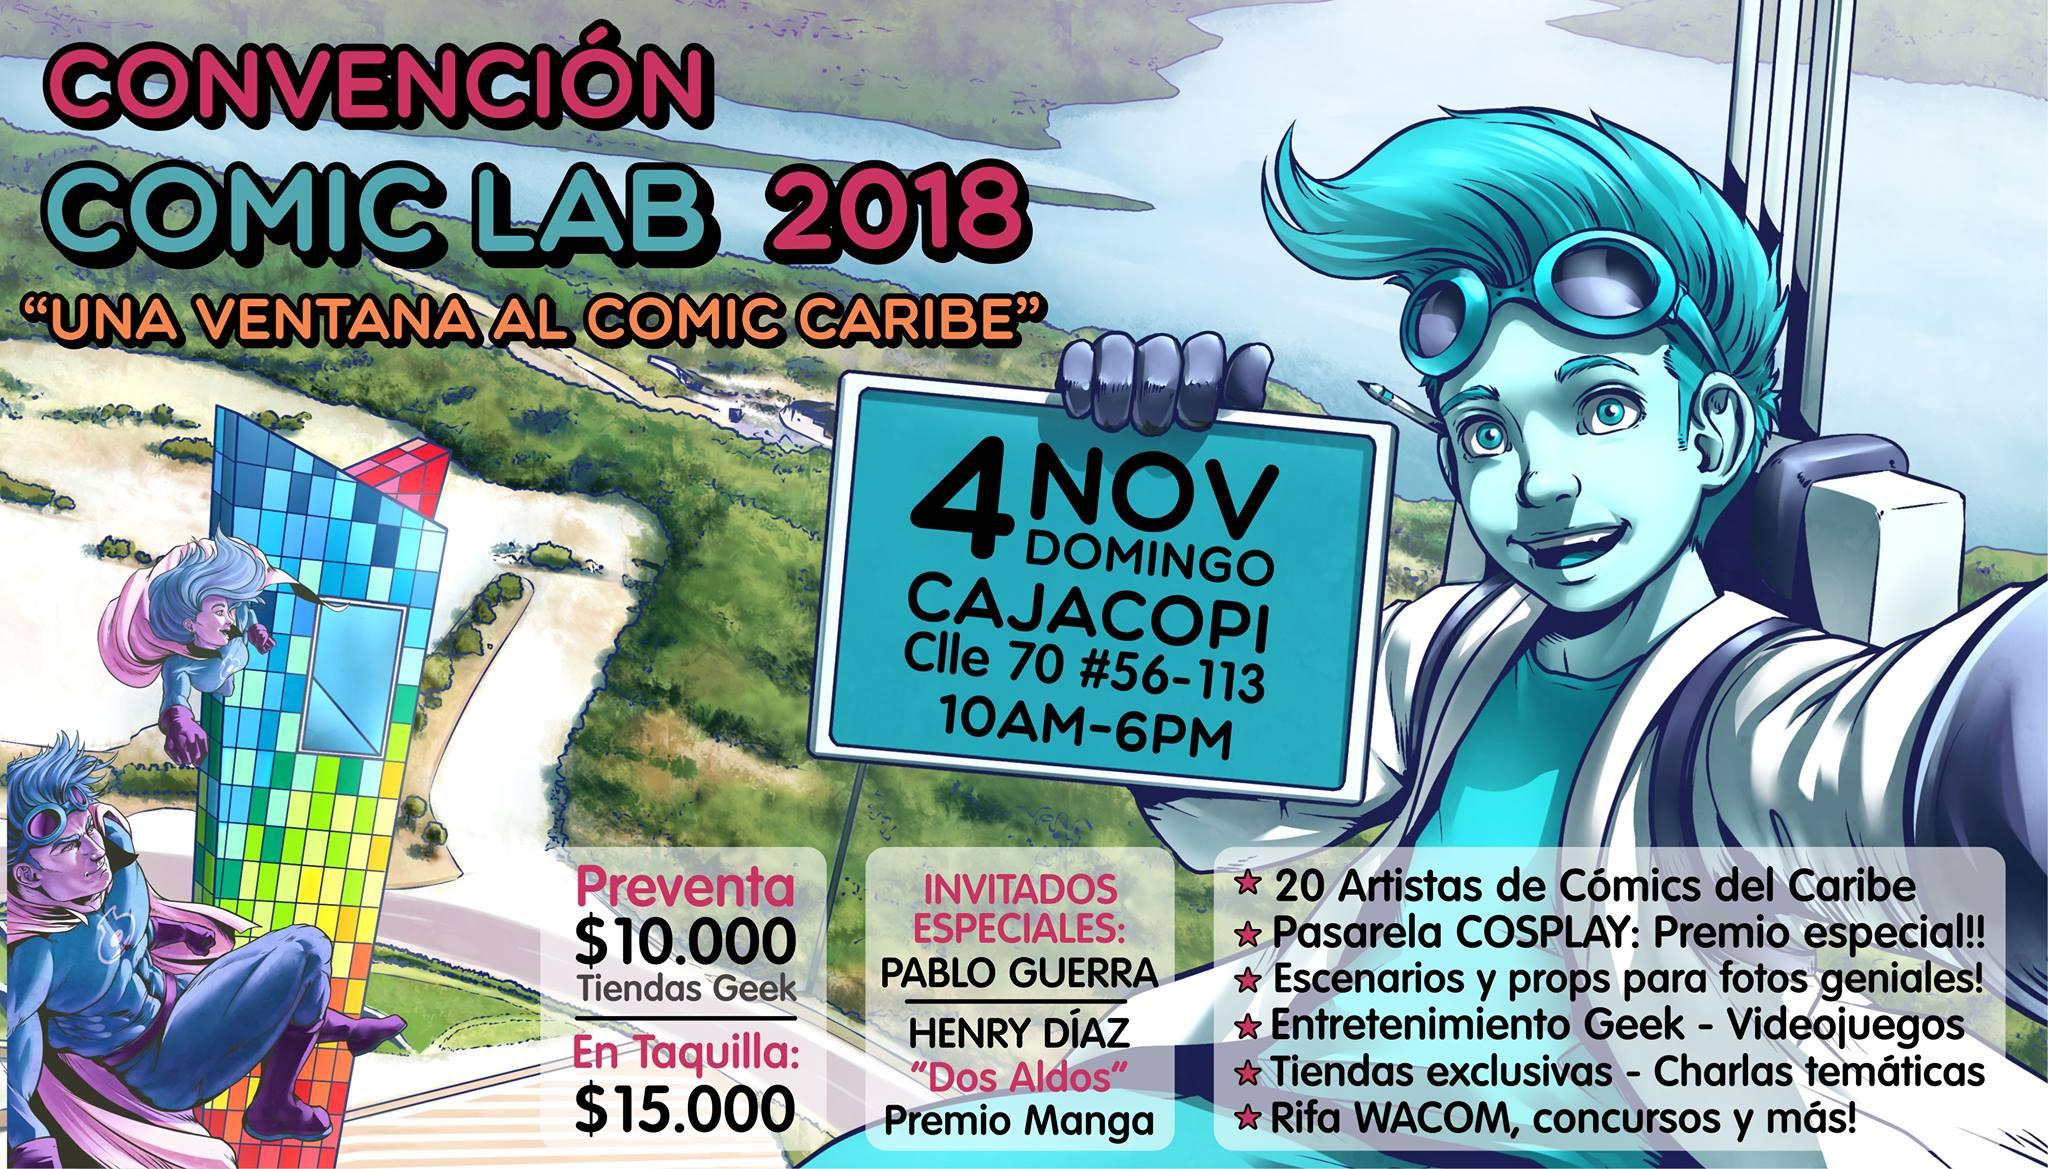 La Convención COMIC LAB 2018 será el primer evento de este tipo en la  ciudad de Barranquilla. Allí bce6dcaf40ed